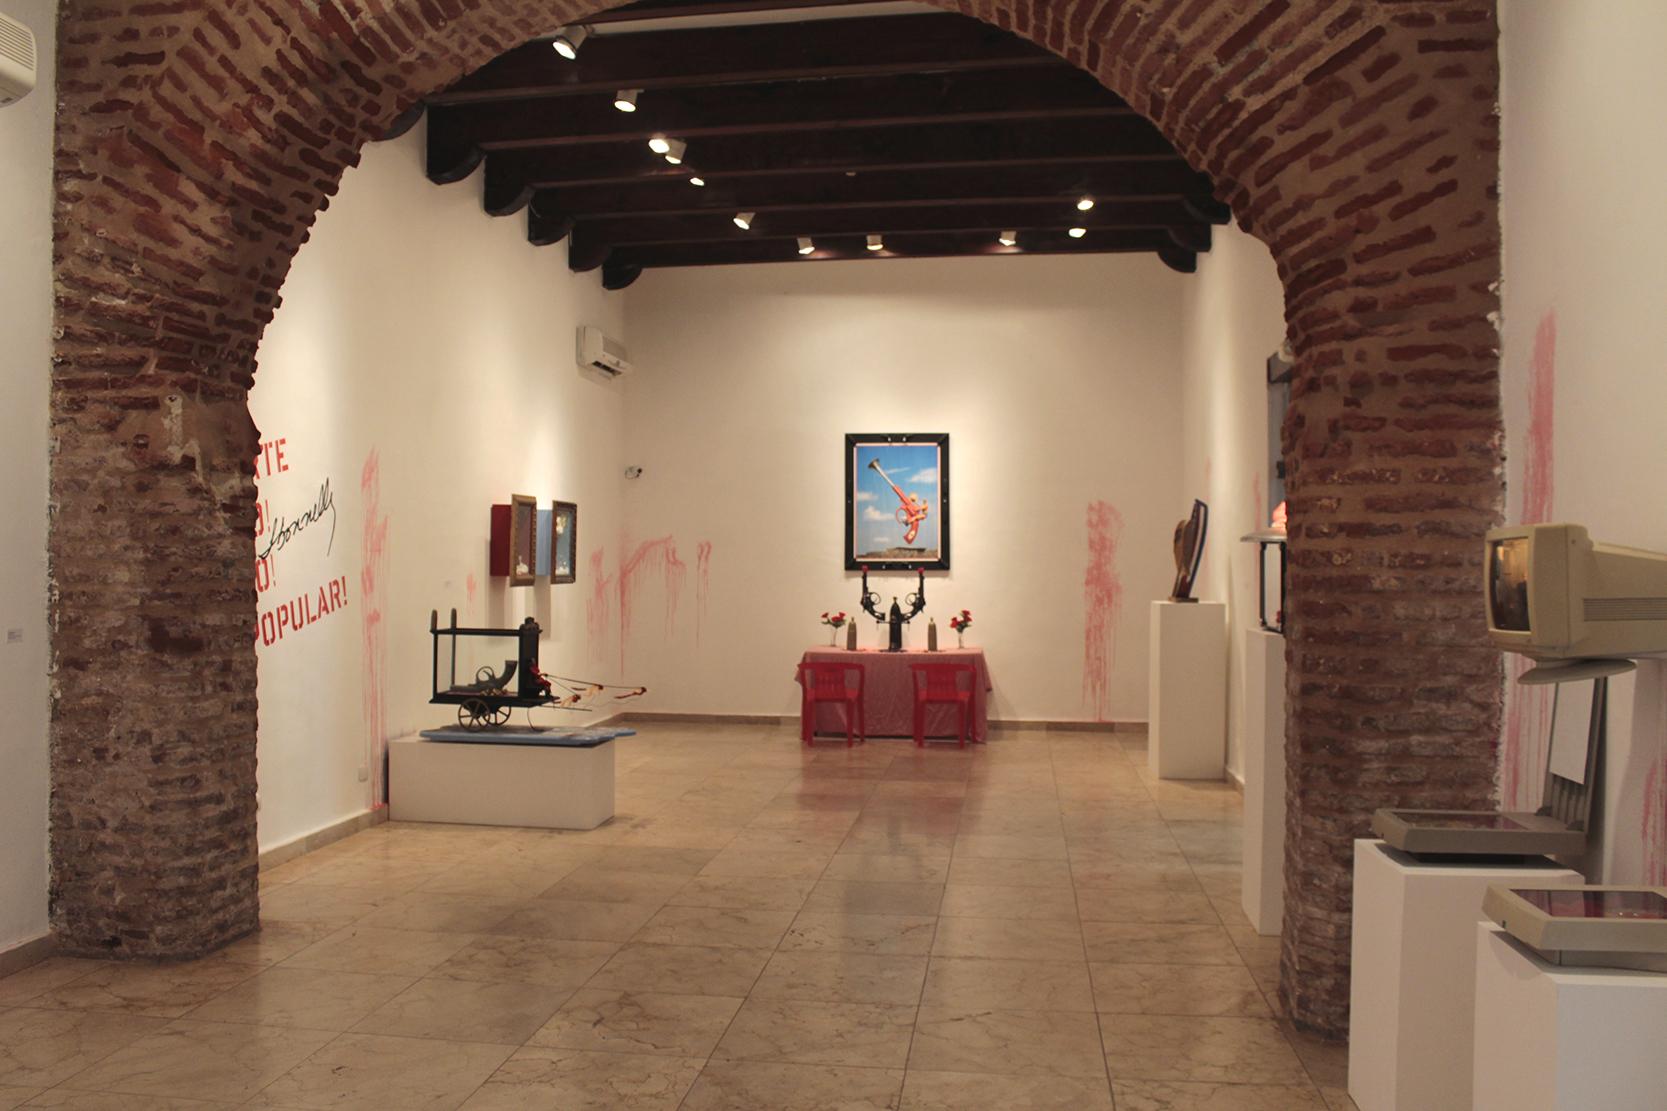 Vista de la exhibición  Arte Po! Po! Popular!  en el Centro Cultural de España Santo Domingo. 2017. Foto por José Morbán.